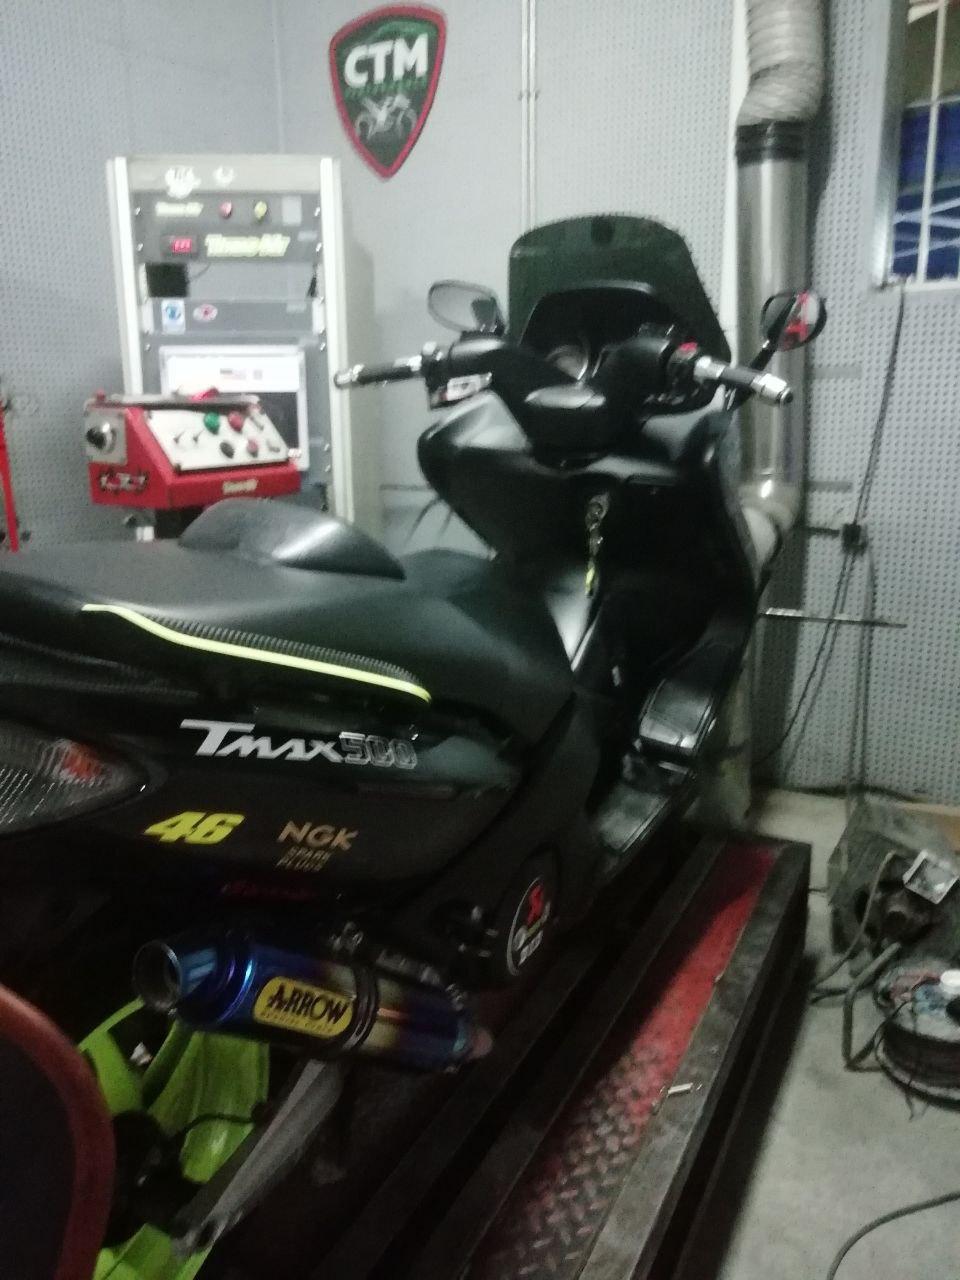 TMAX 500.